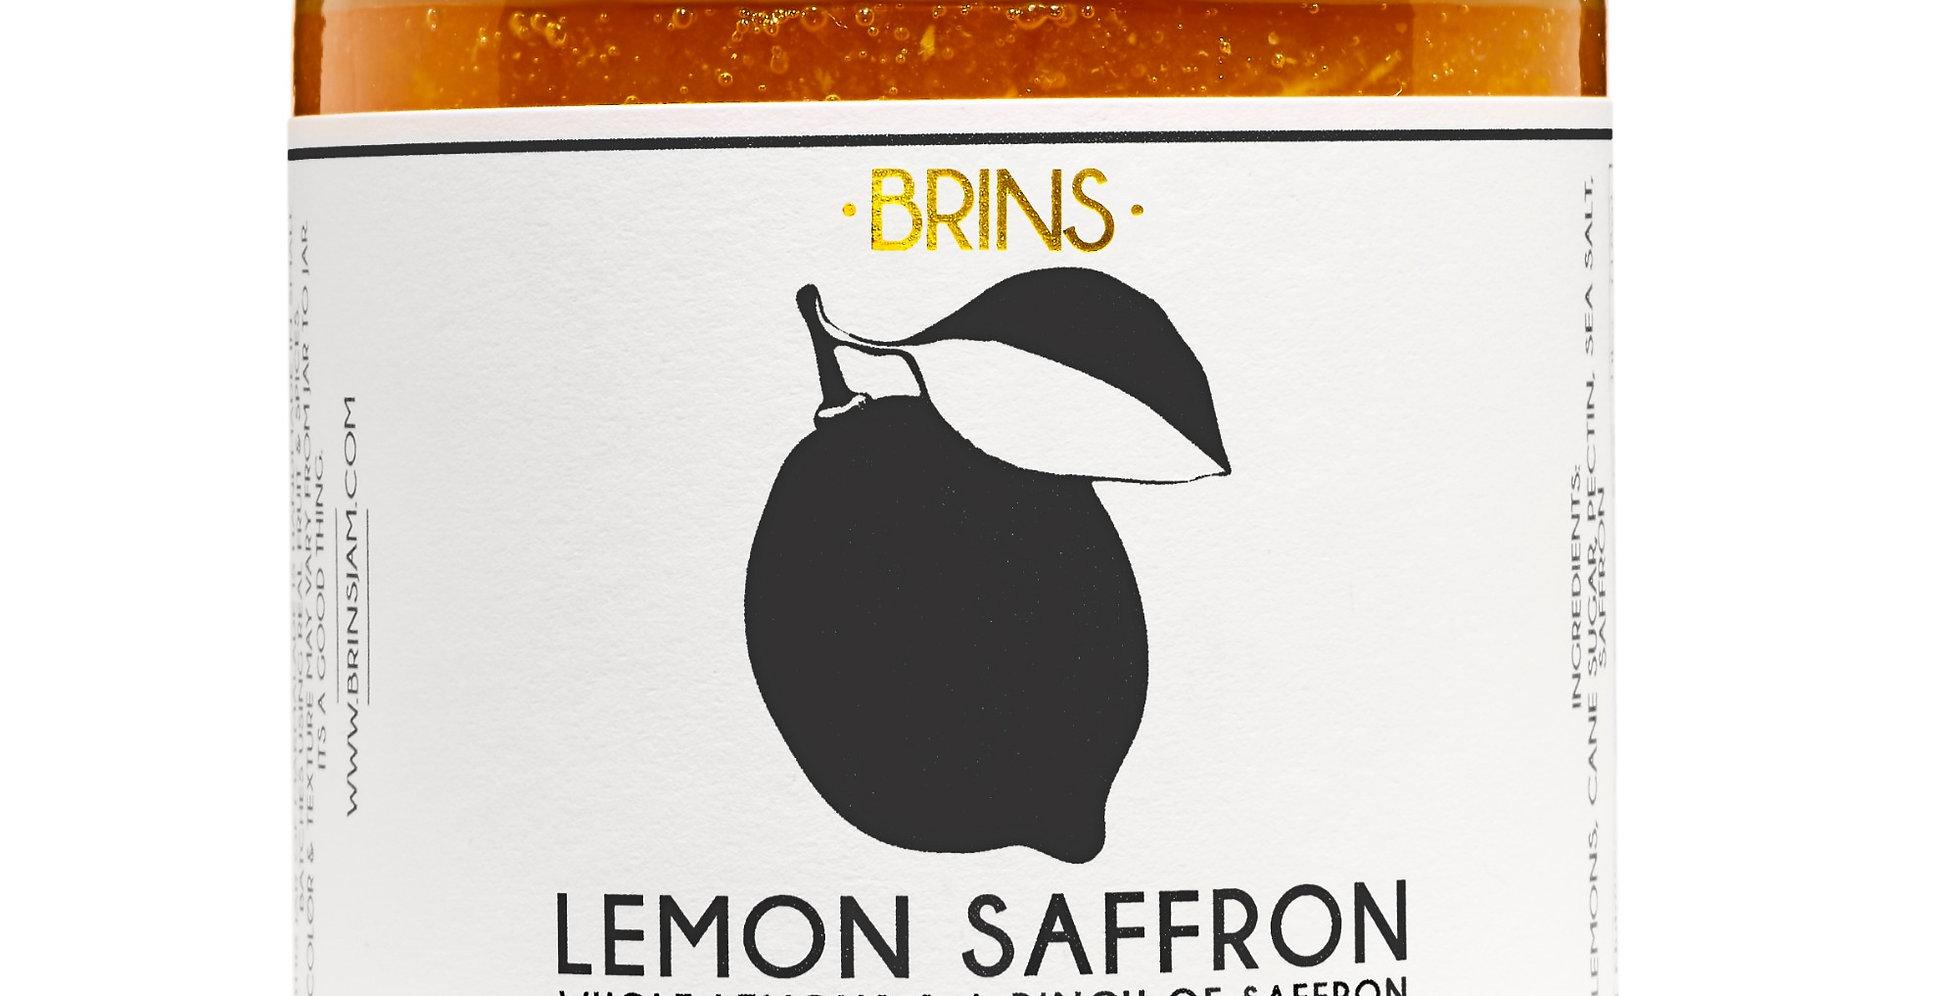 Lemon Saffron